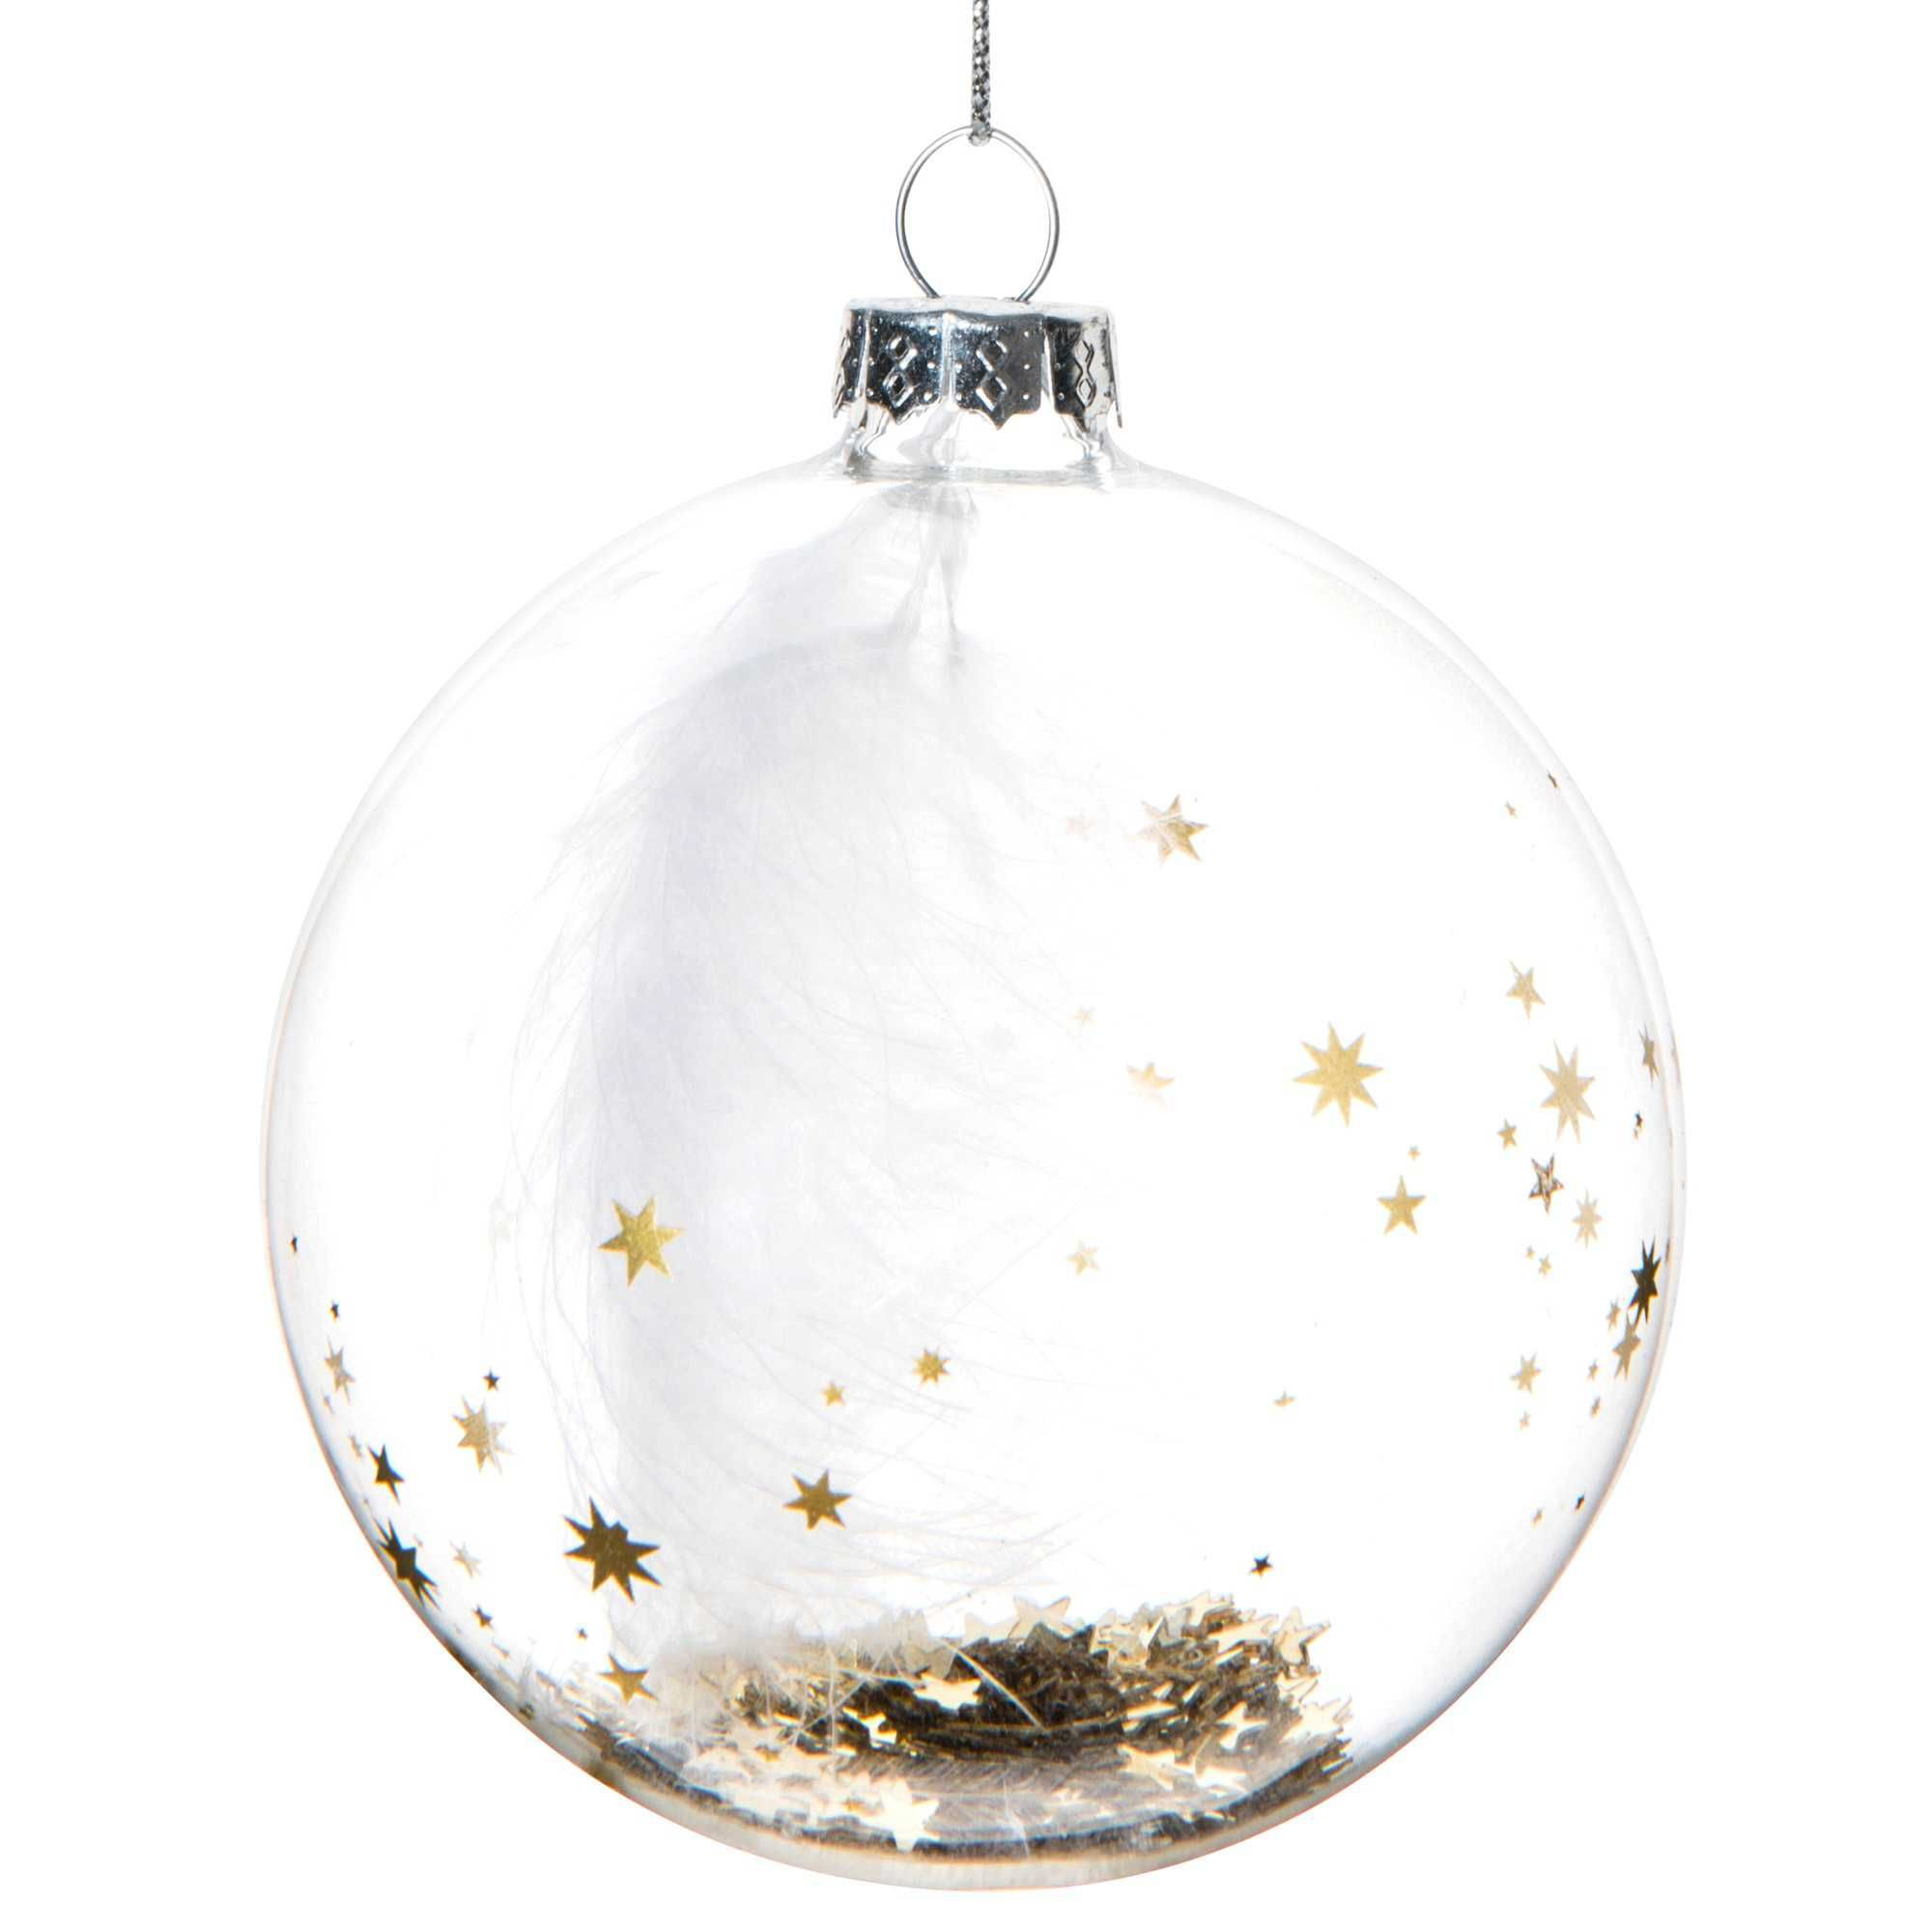 Boule De Noel Transparente A Decorer intérieur boule de noël transparente en verre 8 cm starry night - vendu par